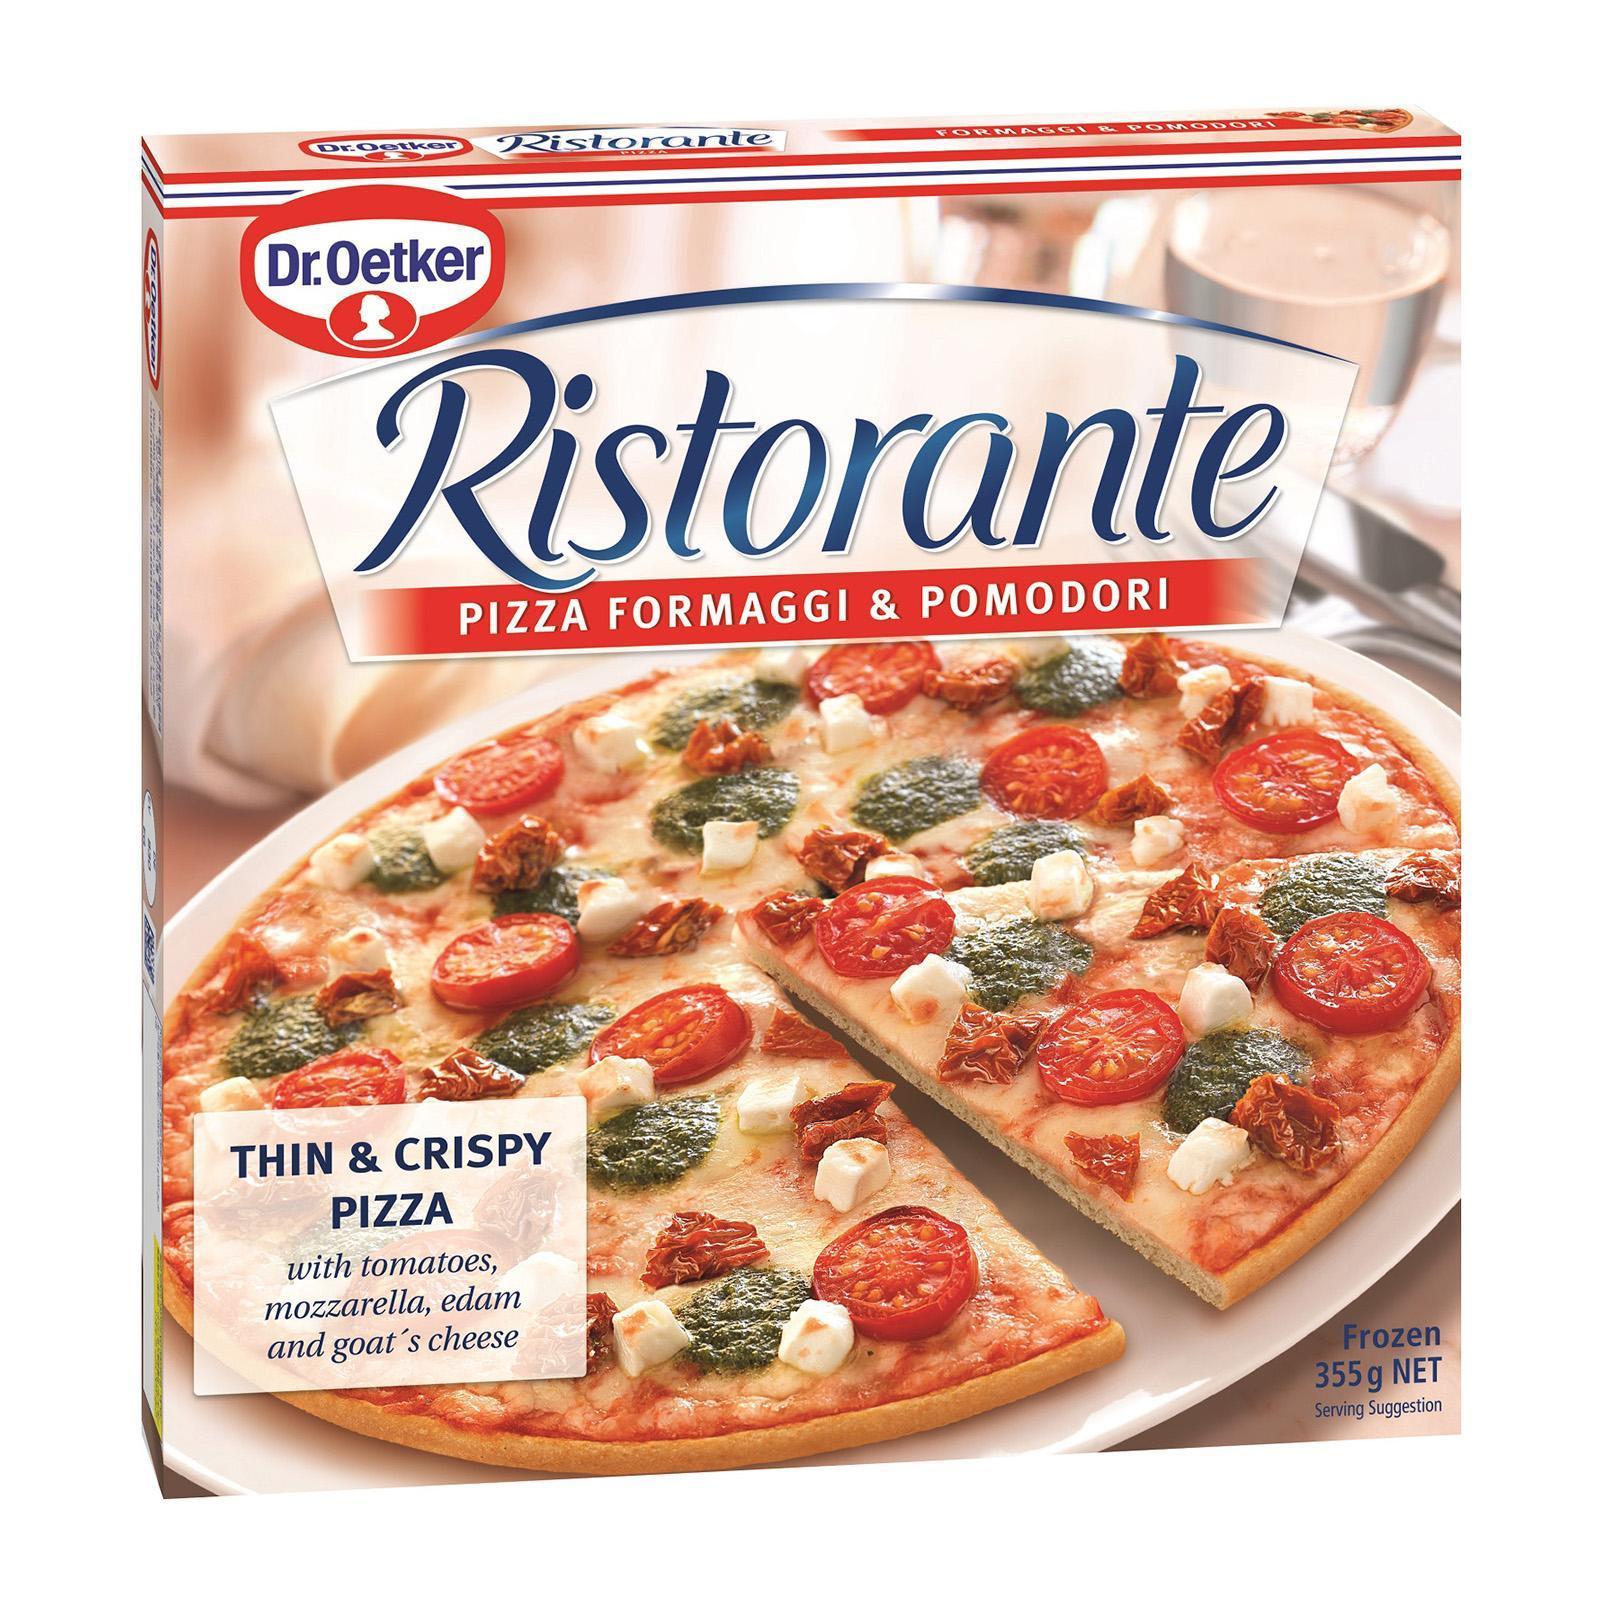 Dr Oetker Ristorante Formaggi and Pomodori Pizza - Frozen